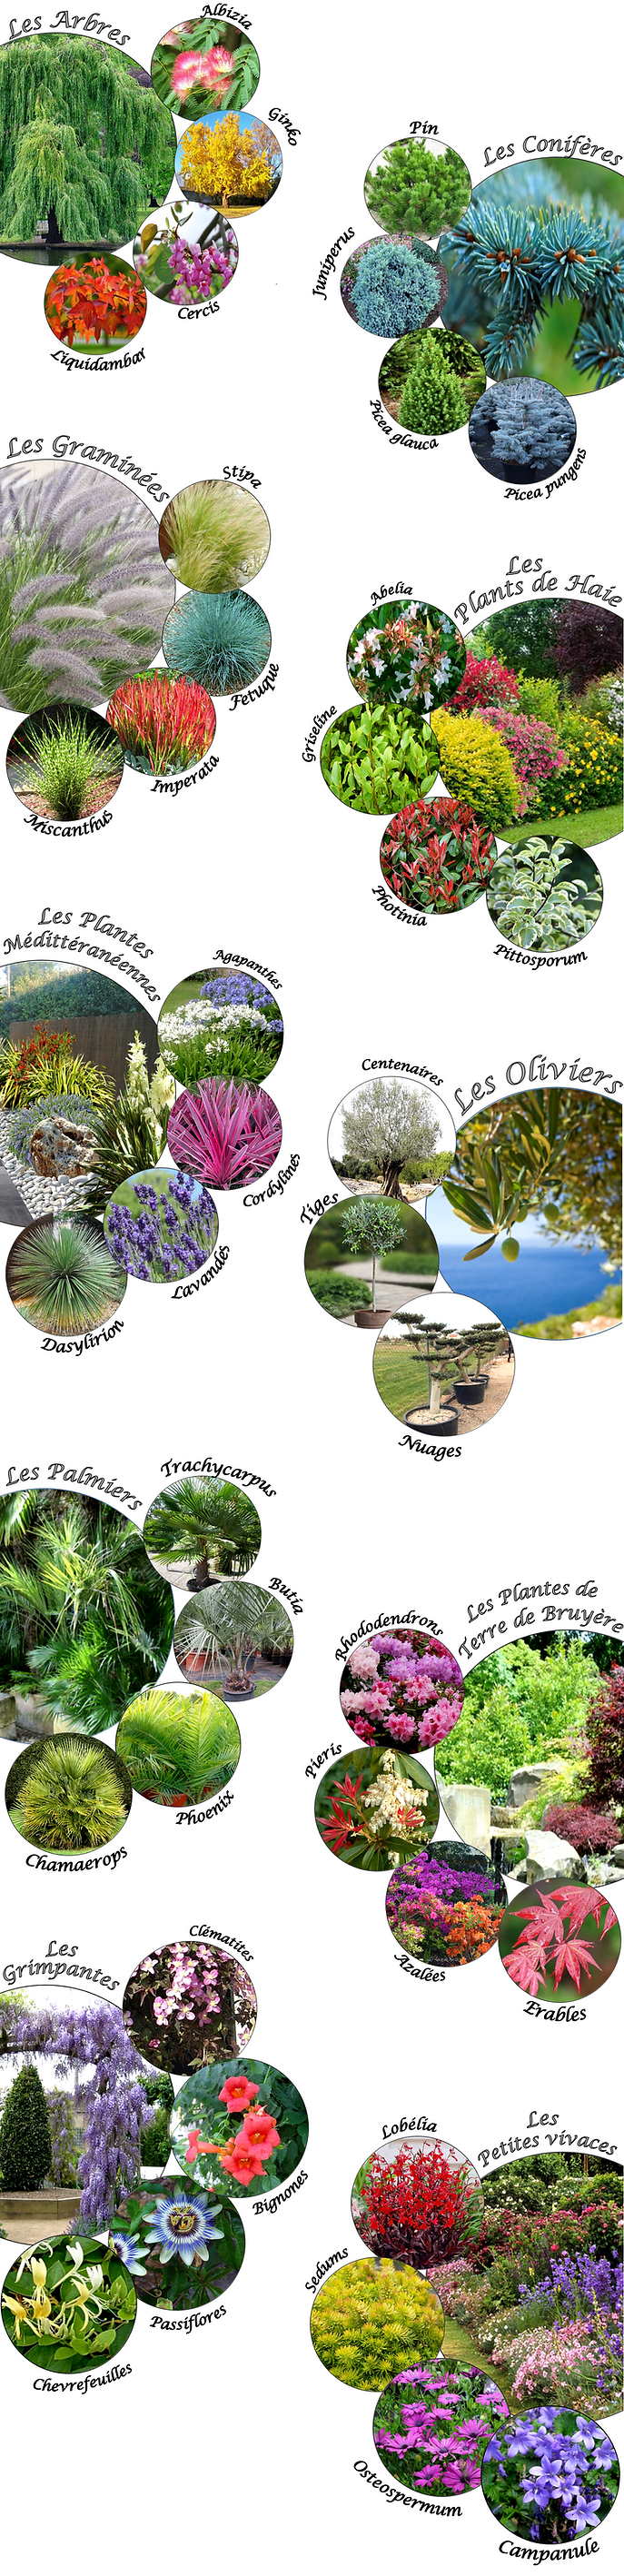 Plants_de_pépinière.png